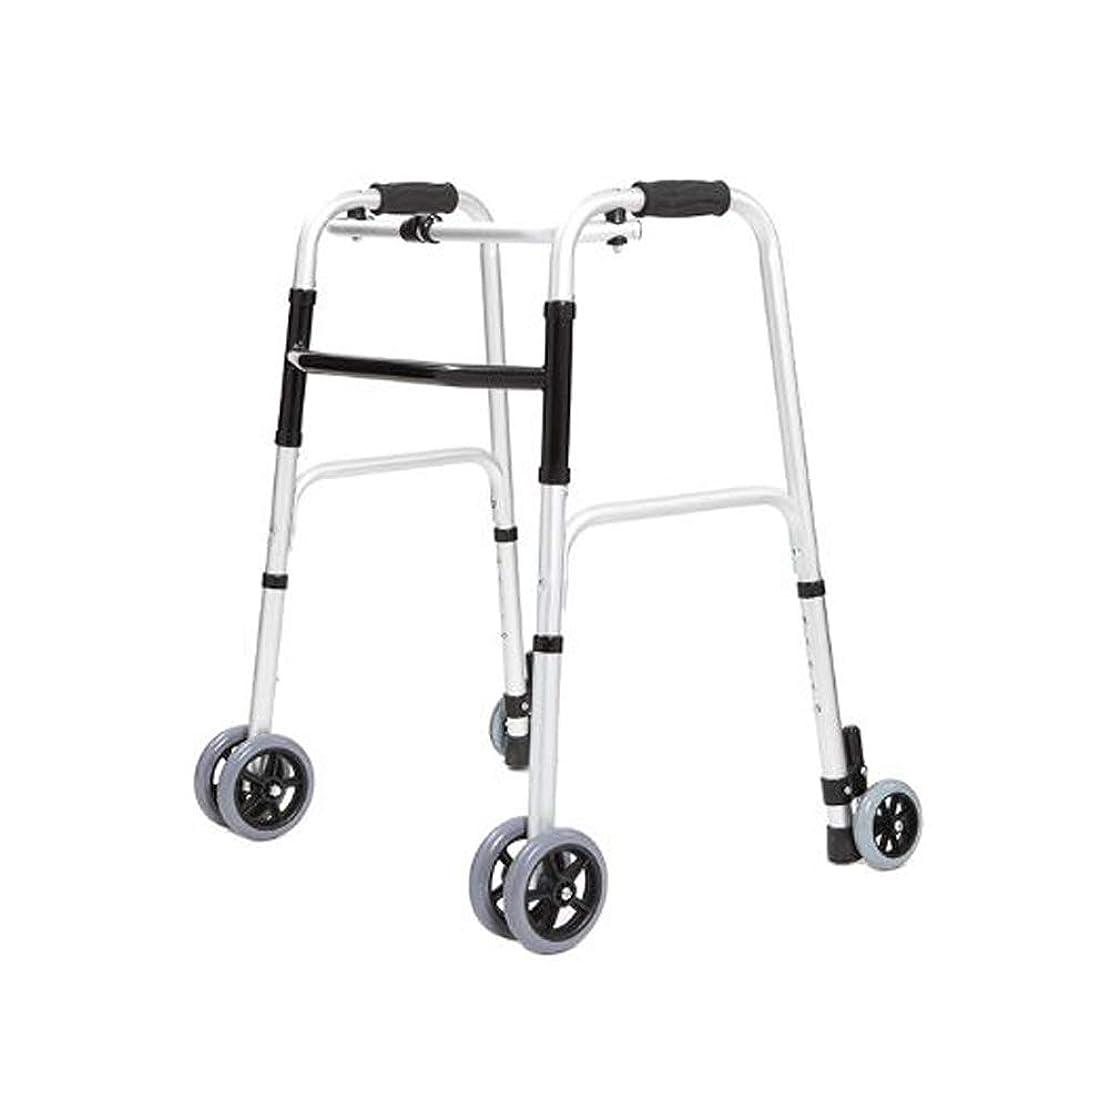 エンジニア遺跡長くする[ラオンアチ] 大人のための歩行器 折りたたみ 車輪型歩行器 6輪歩行車 5段の高さ調節可能 [日本語説明書付き] [海外直送品]